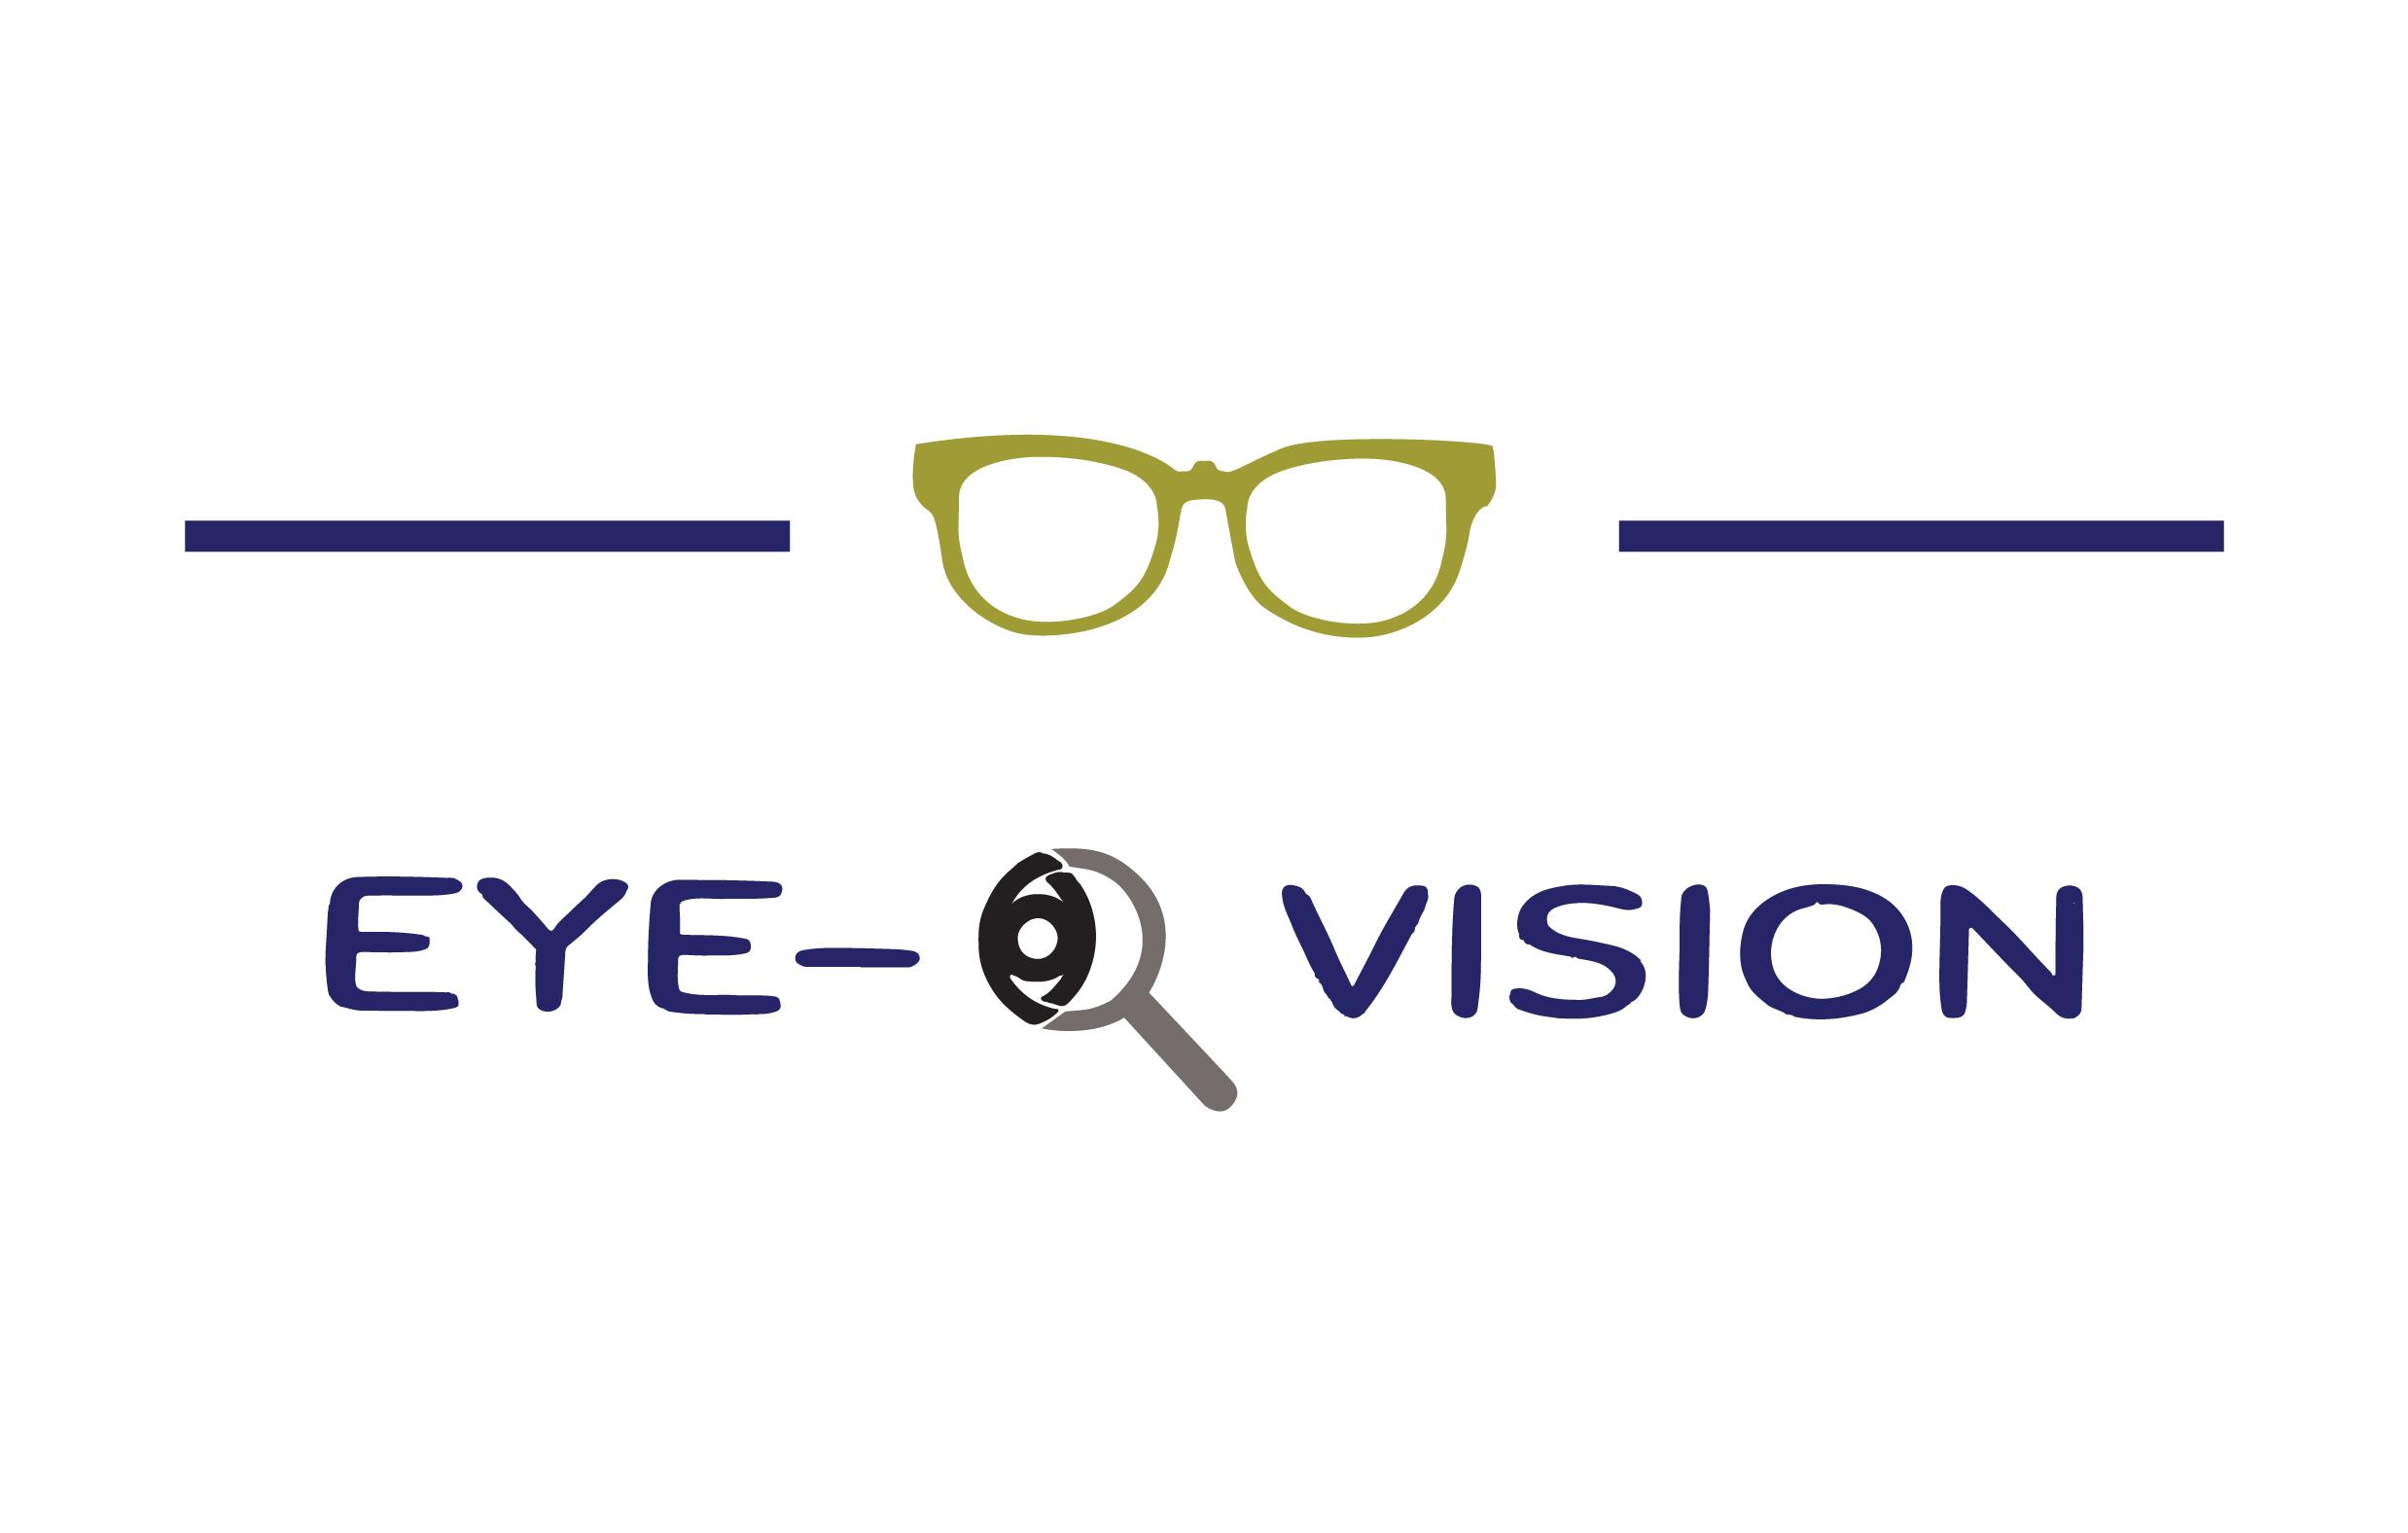 Eye-Q Vision